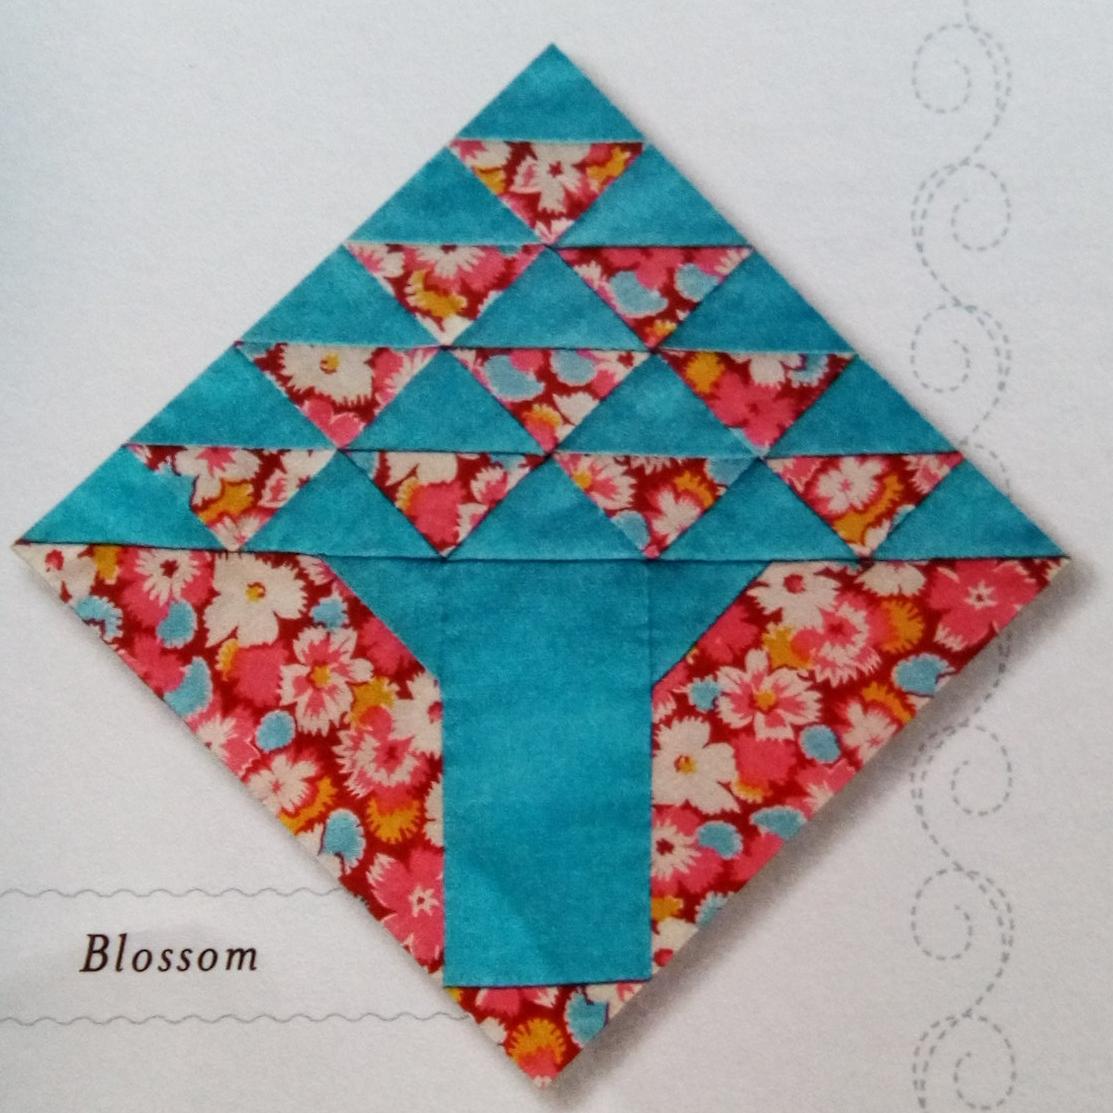 Blossom: Coming May 21